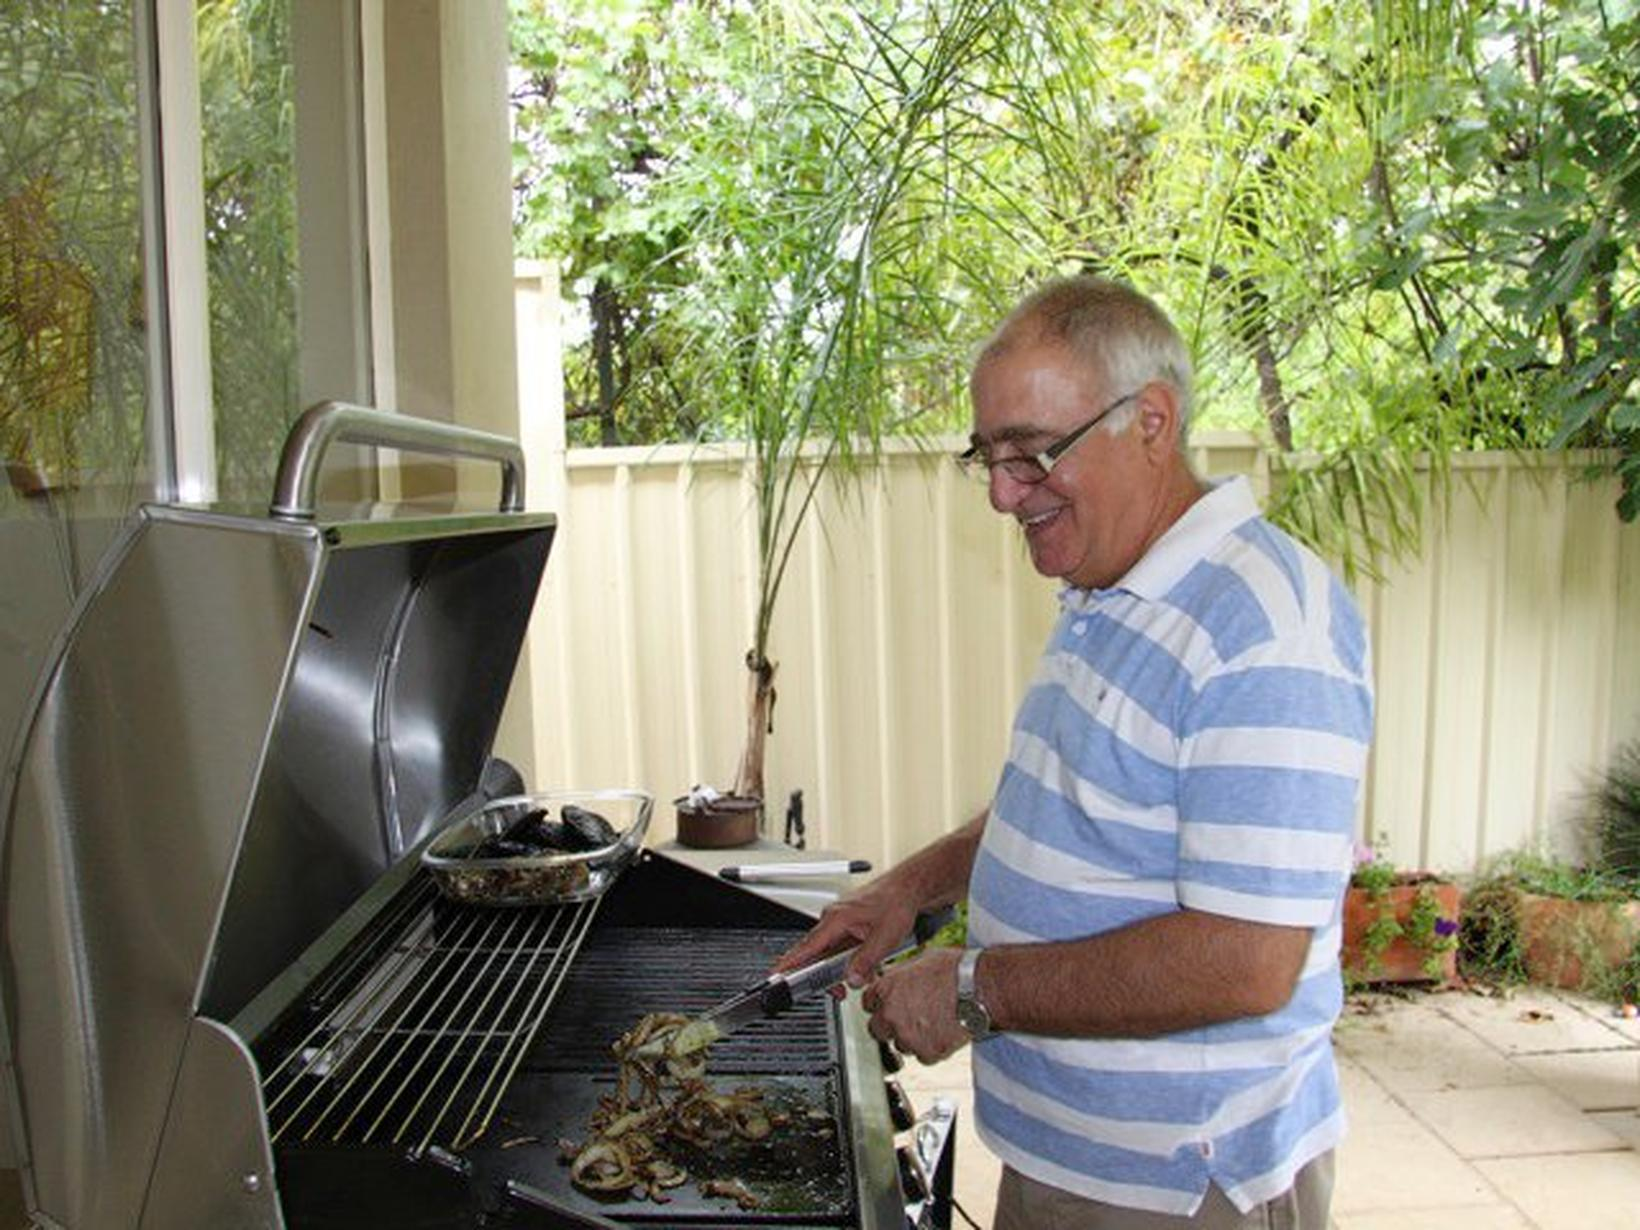 Ken from Adelaide, South Australia, Australia